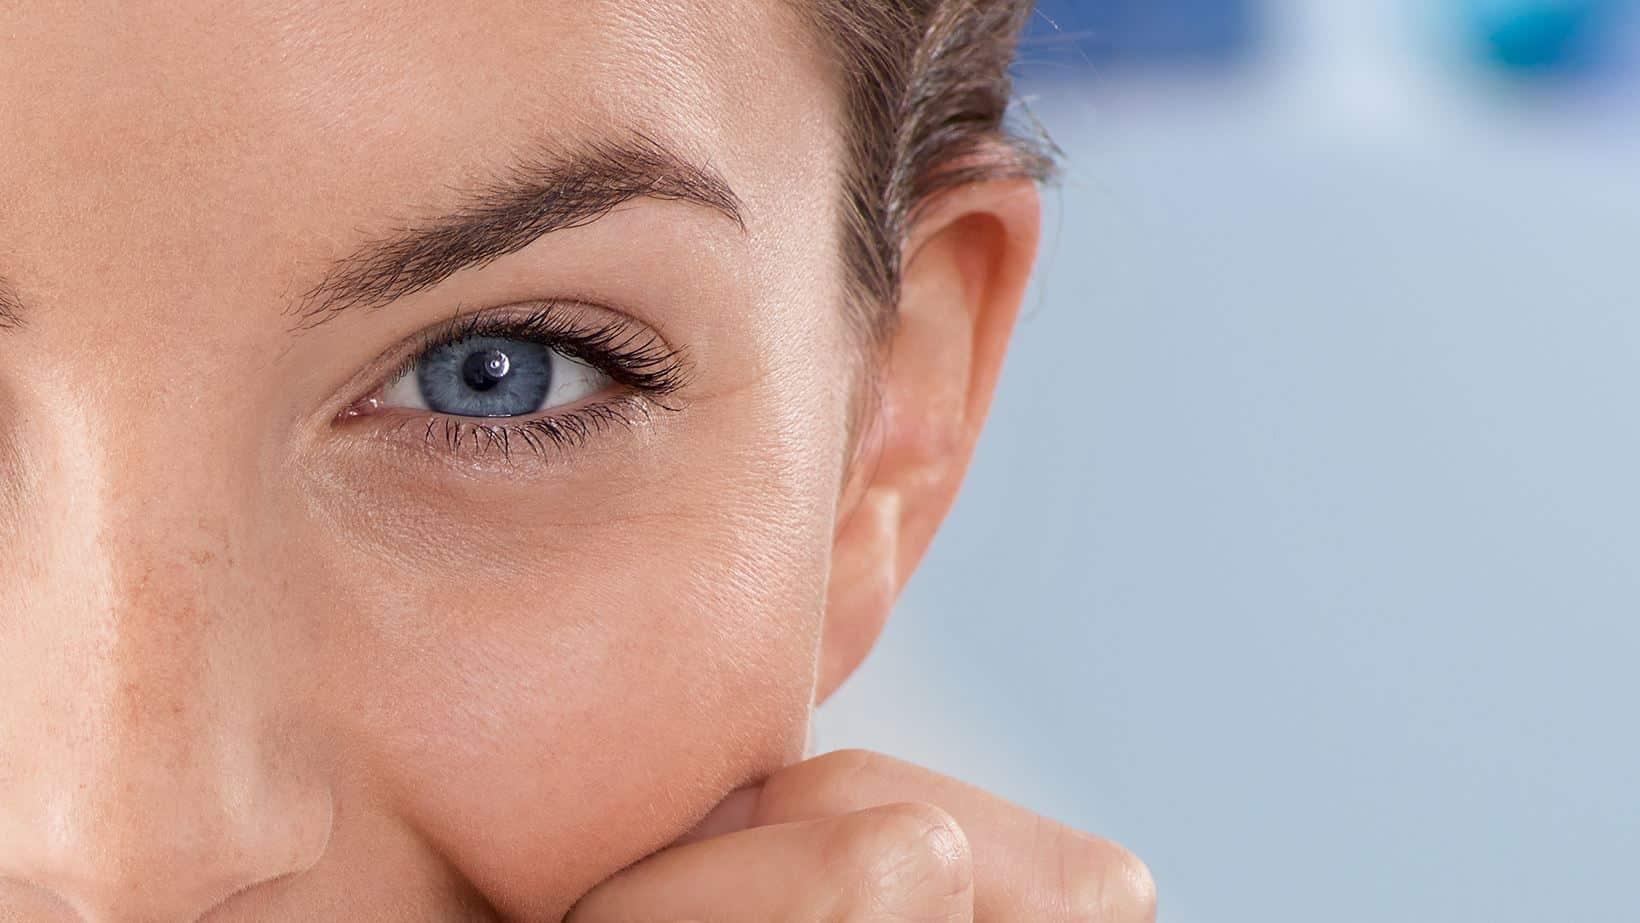 beneficios de la espinaca salud de la vista protege los ojos